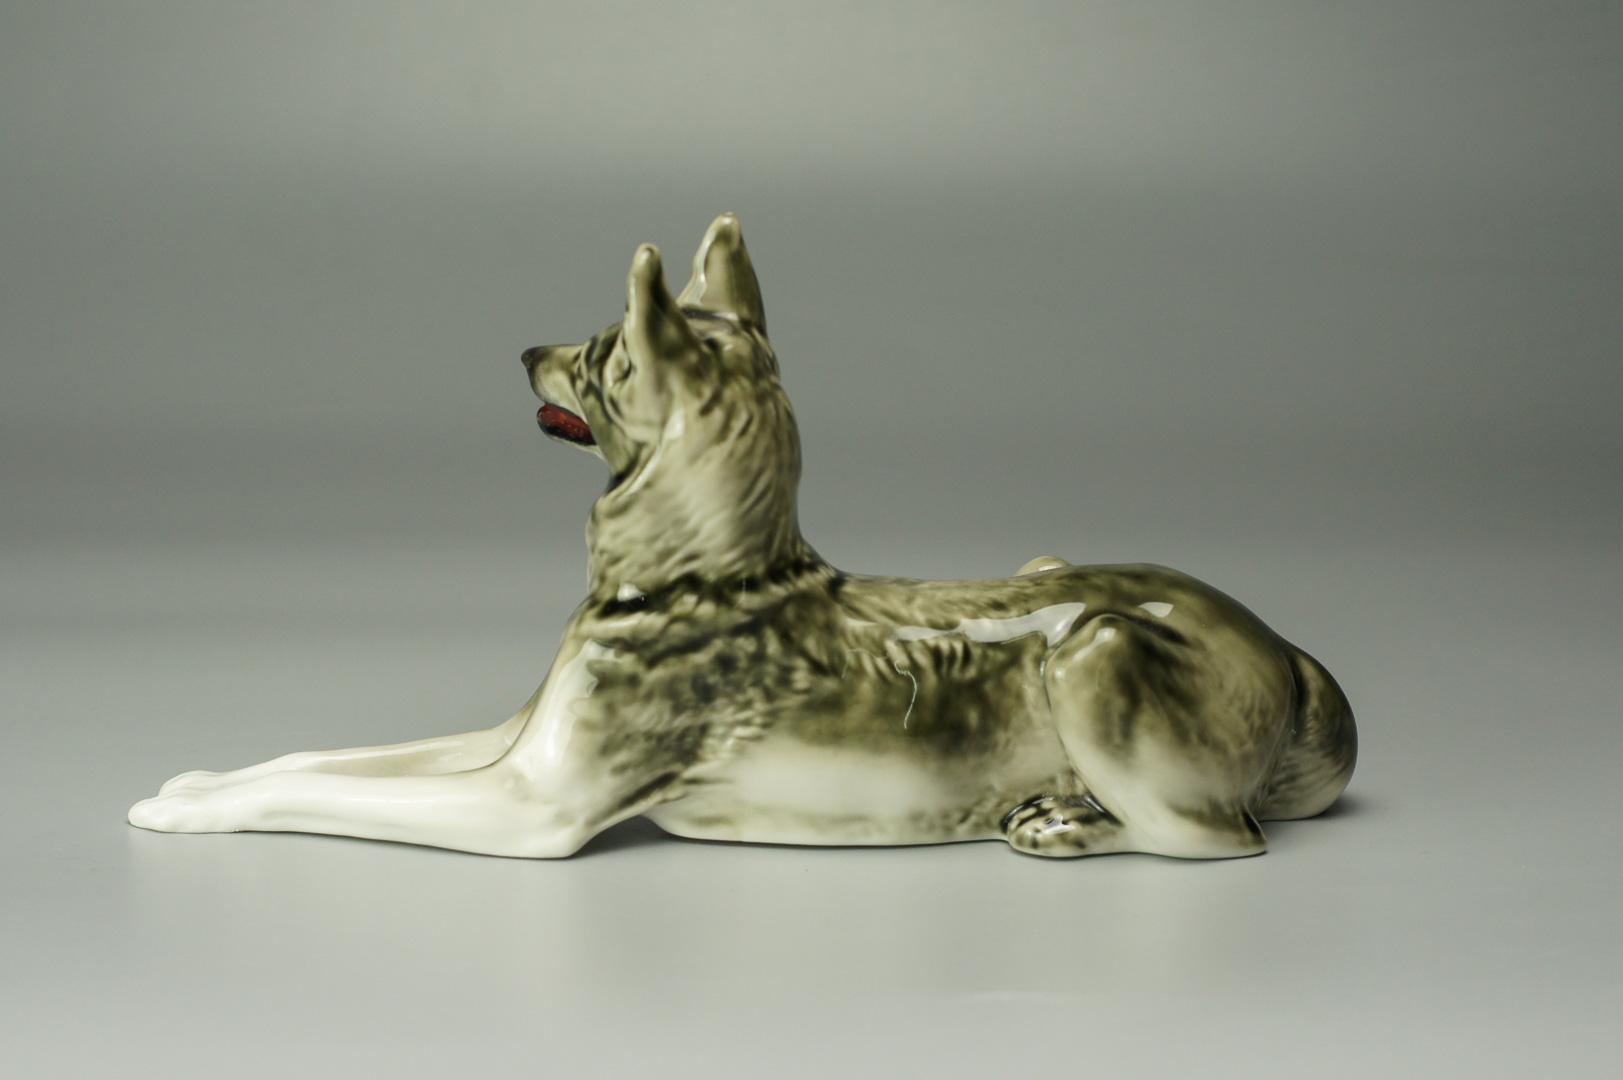 Статуэтка Немецкая овчарка маленькая глянцевая лфз